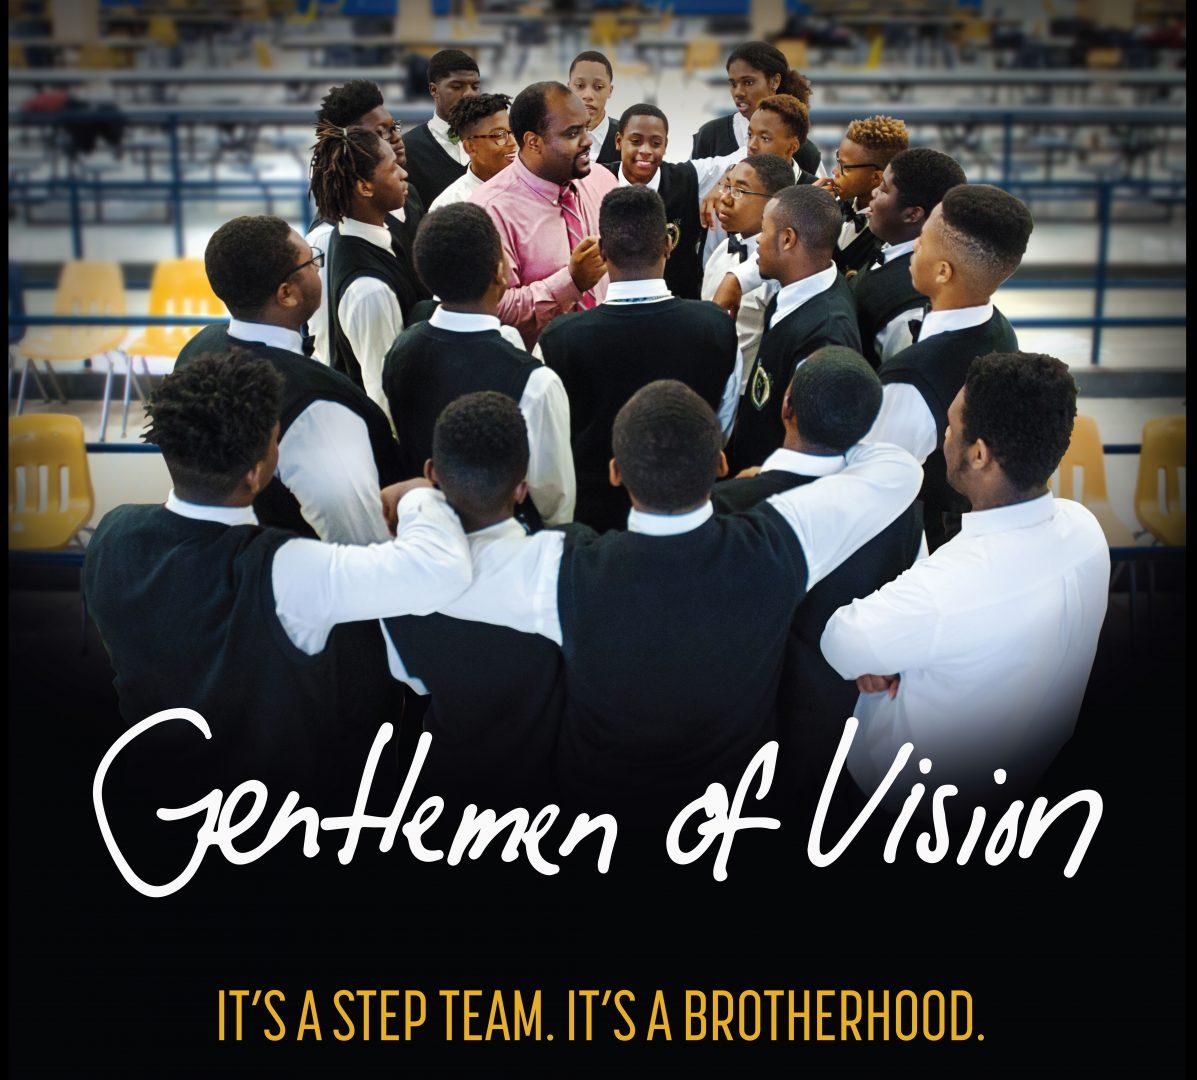 Gentlemen Of Vision